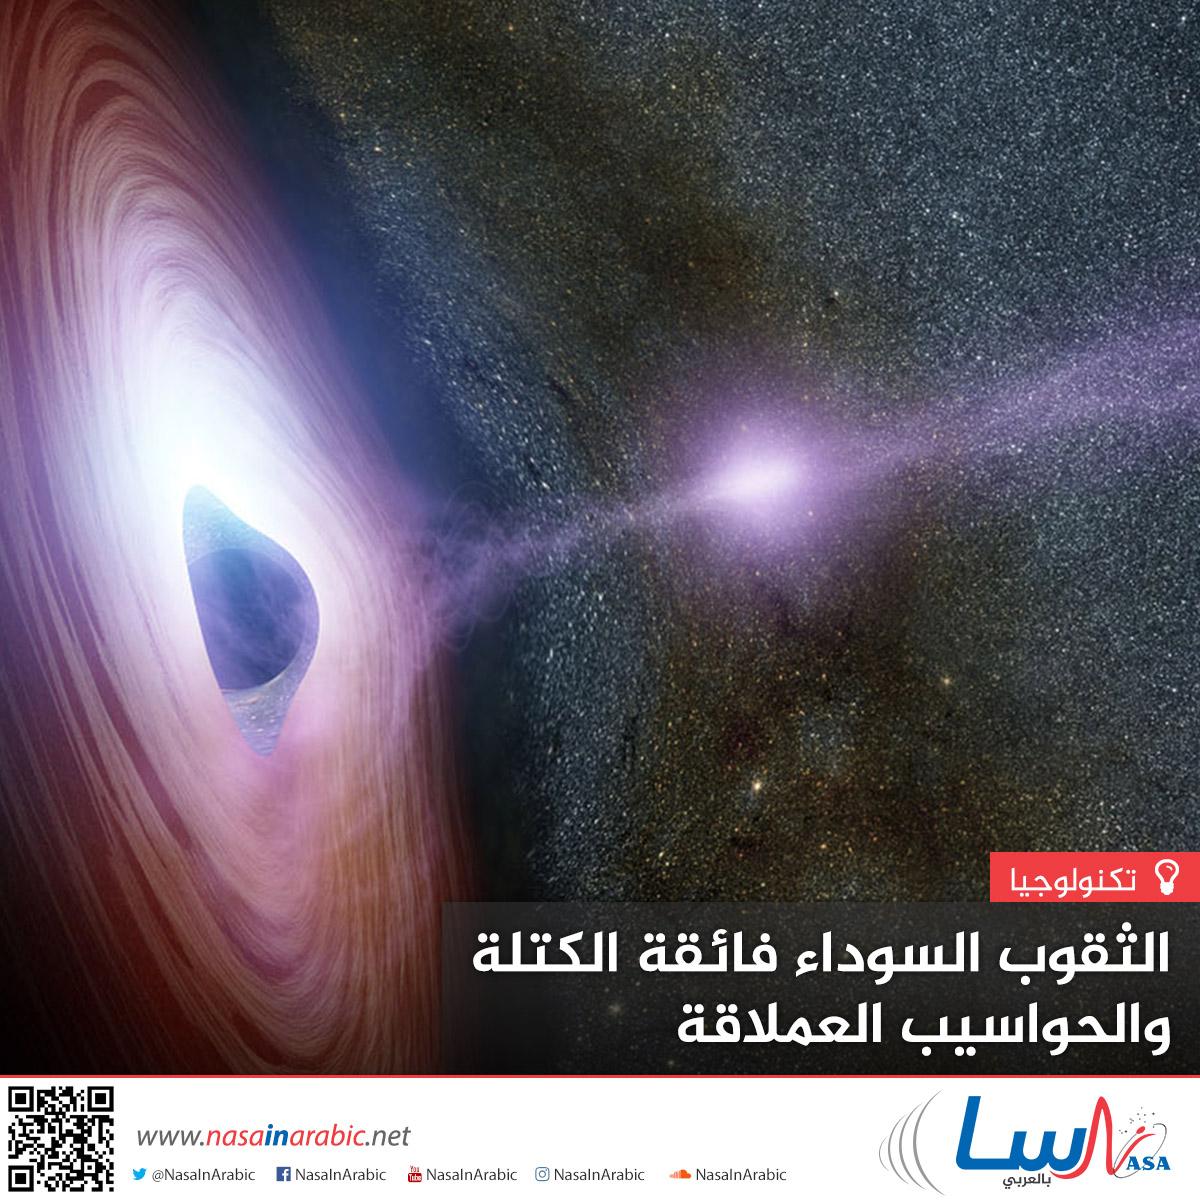 الثقوب السوداء فائقة الكتلة والحواسيب العملاقة